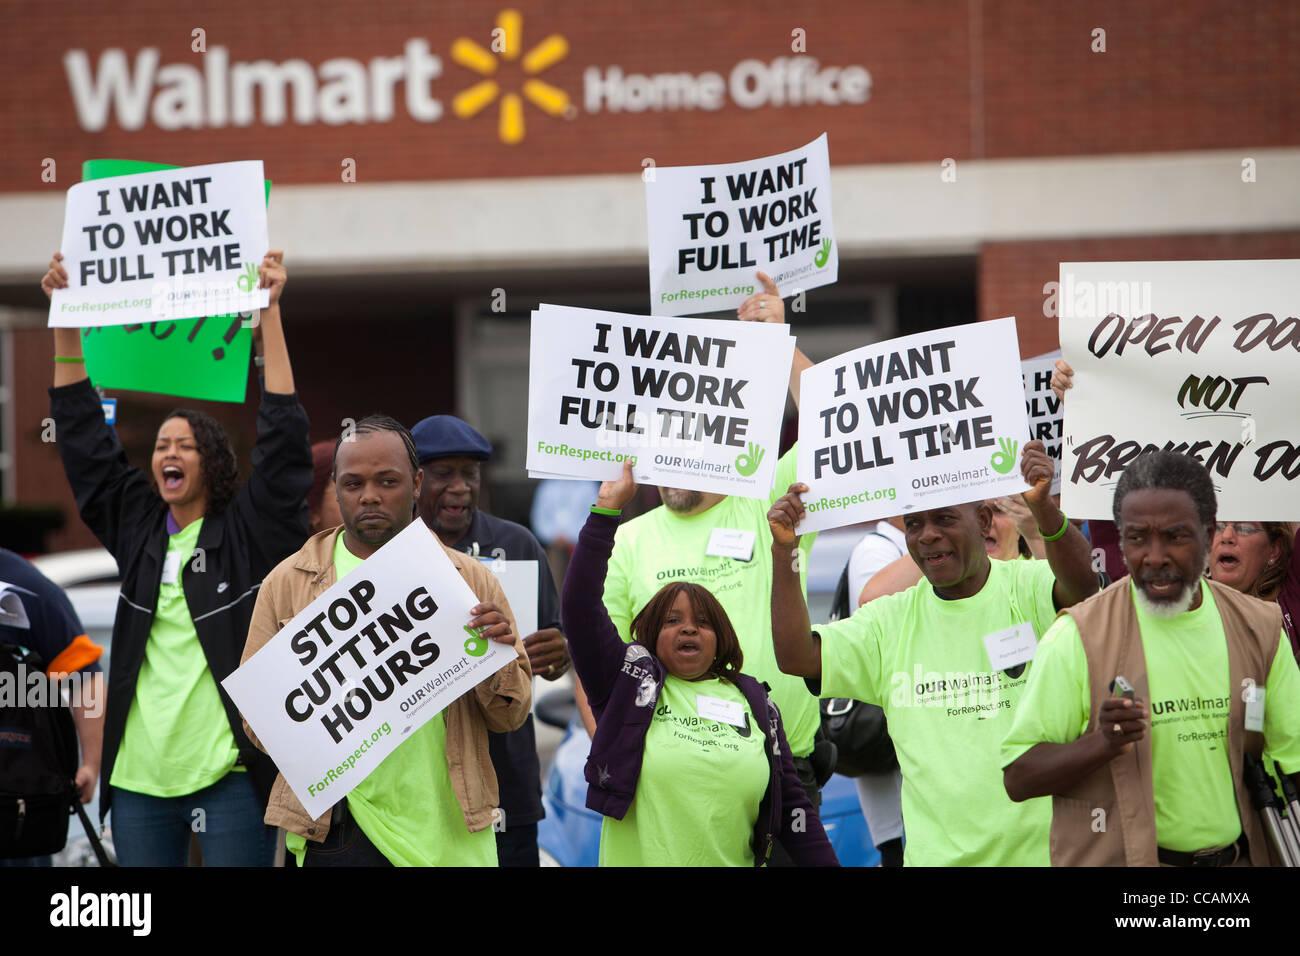 Walmart Dipendenti manifestano di fronte al Walmart Home Office di Bentonville, Ark. Immagini Stock